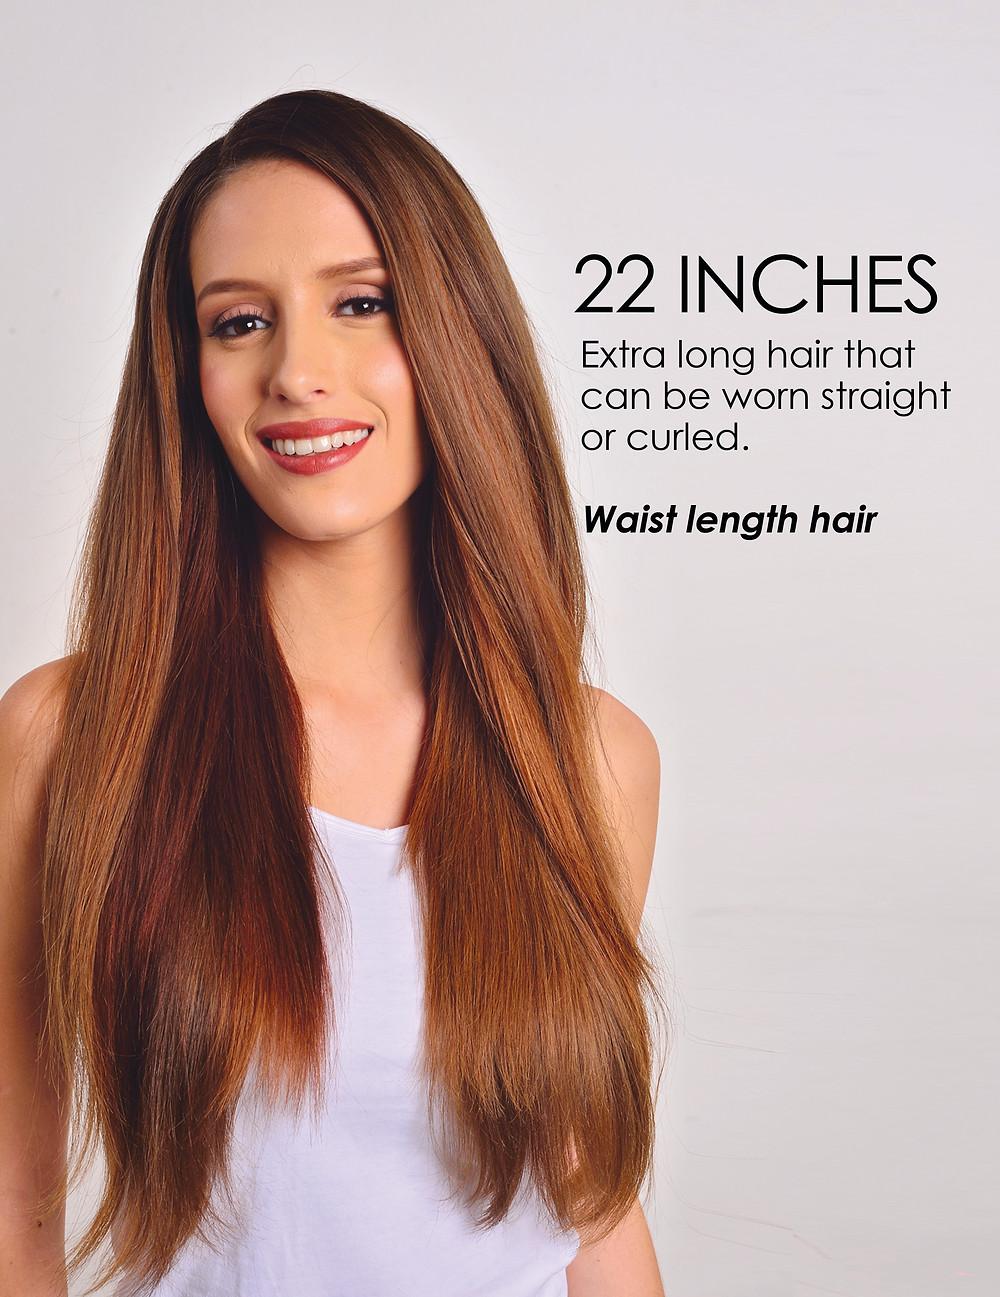 22 inches, waist length hair, woman, gir, long hair, brown hair, tank top